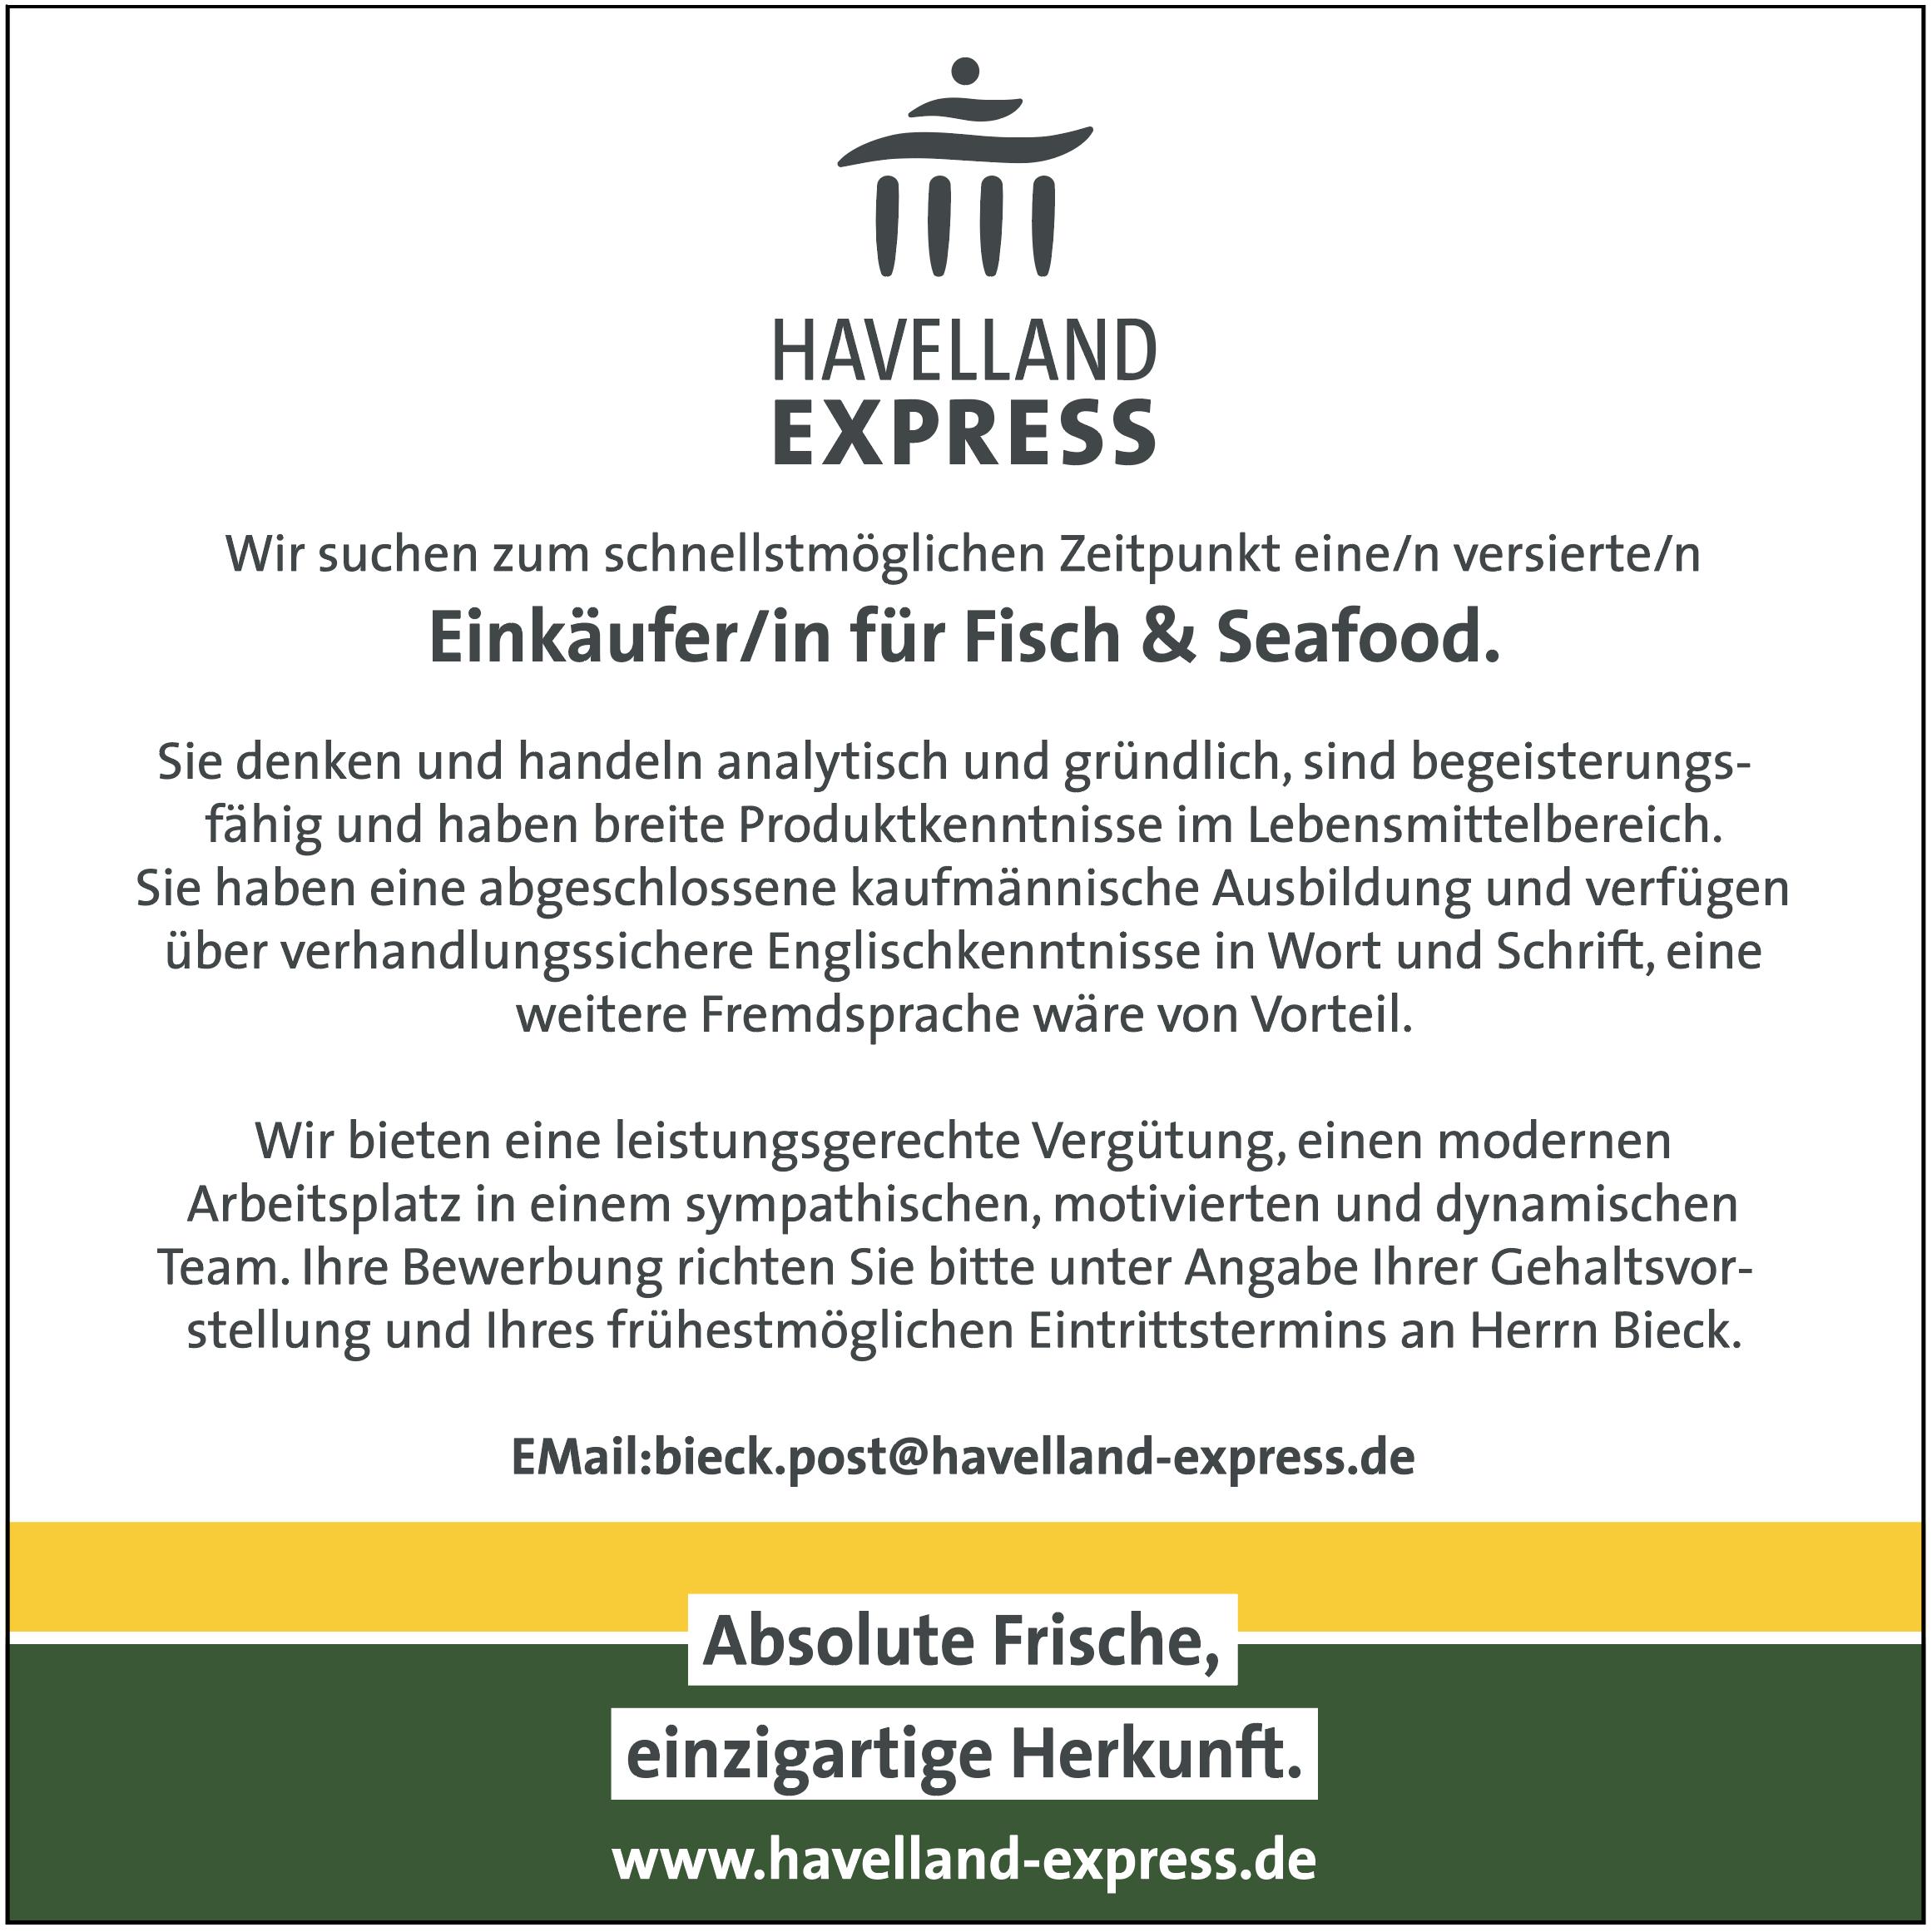 Einkäufer/in für Fisch & Seafood